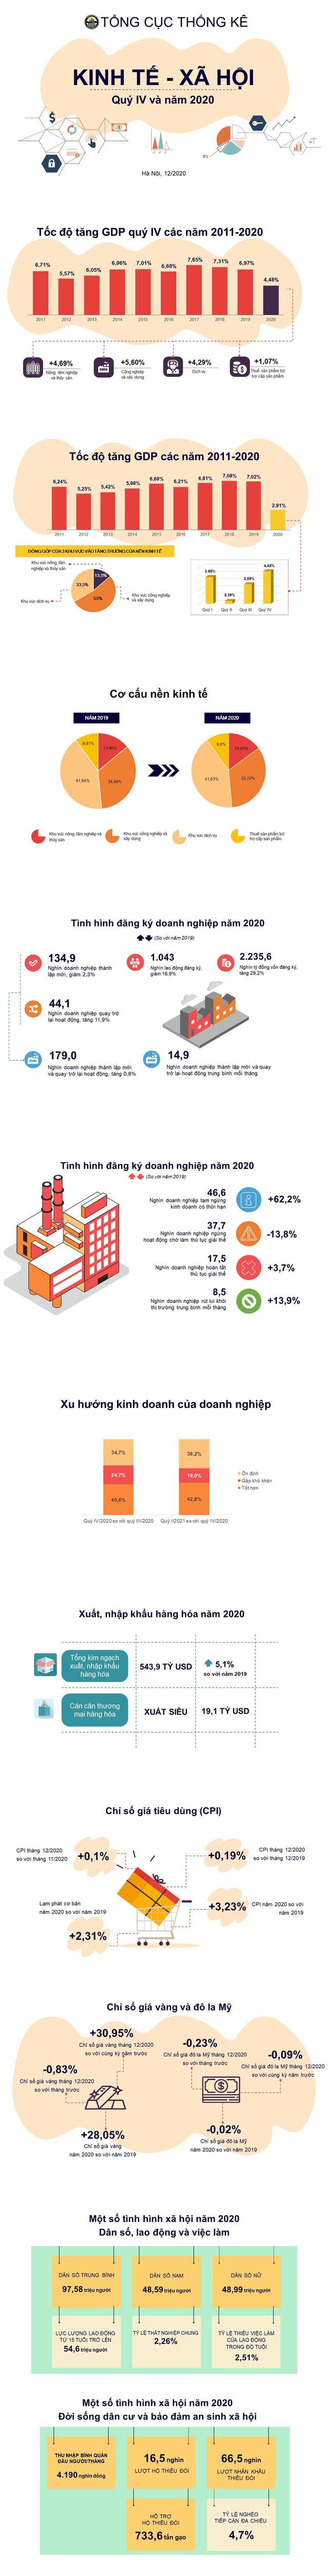 Bức tranh sáng, tối kinh tế Việt Nam 2020 - Ảnh 1.